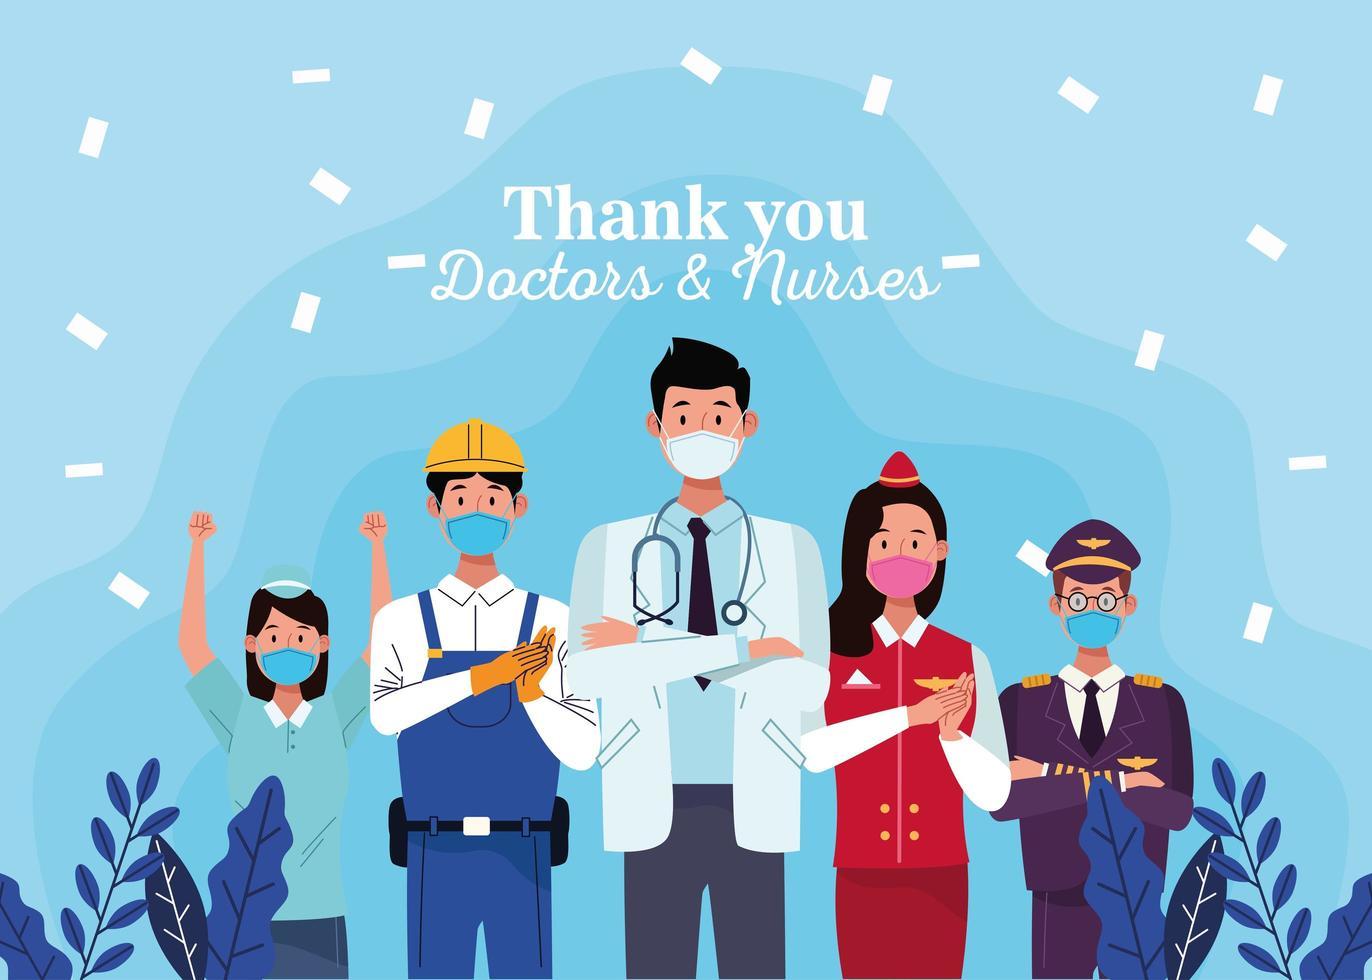 conjunto de trabalhadores usando máscaras faciais com mensagem de agradecimento vetor